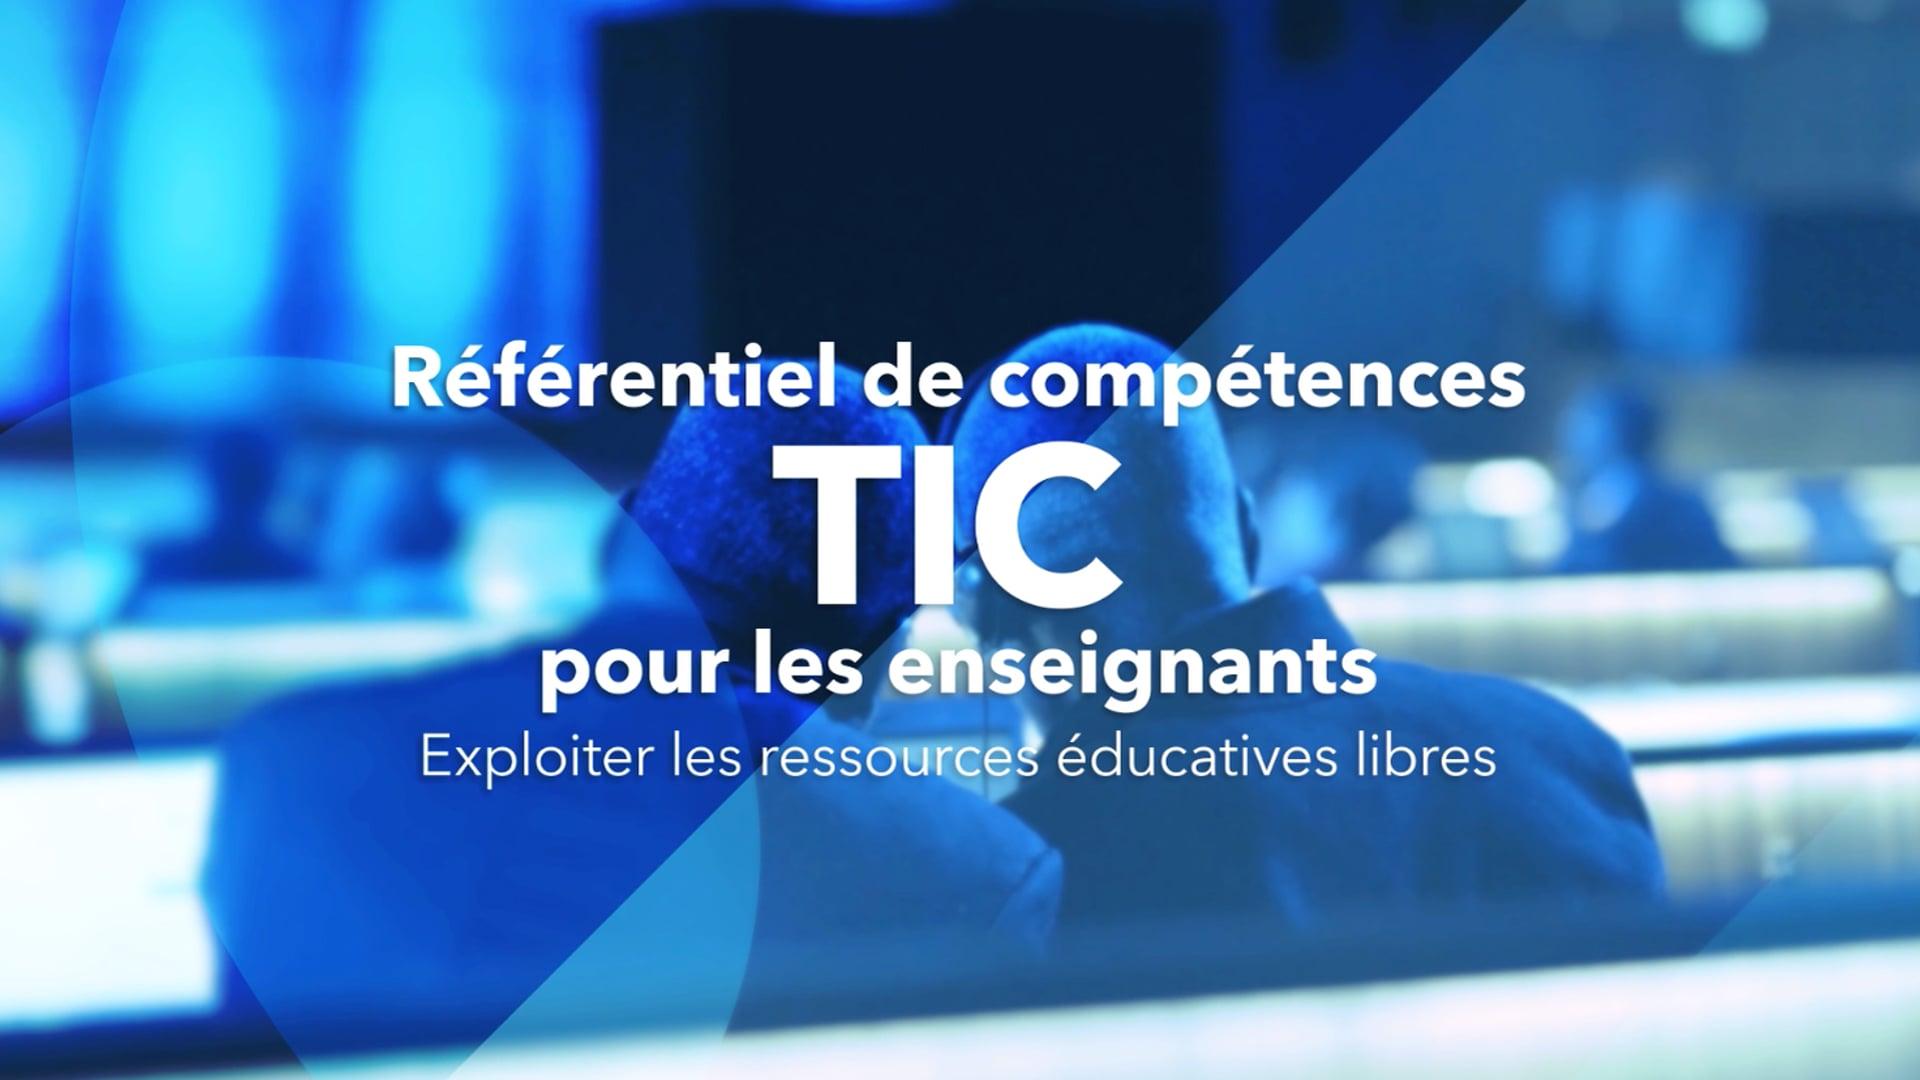 UNESCO ICT-CFT / LONG / SUB_FR